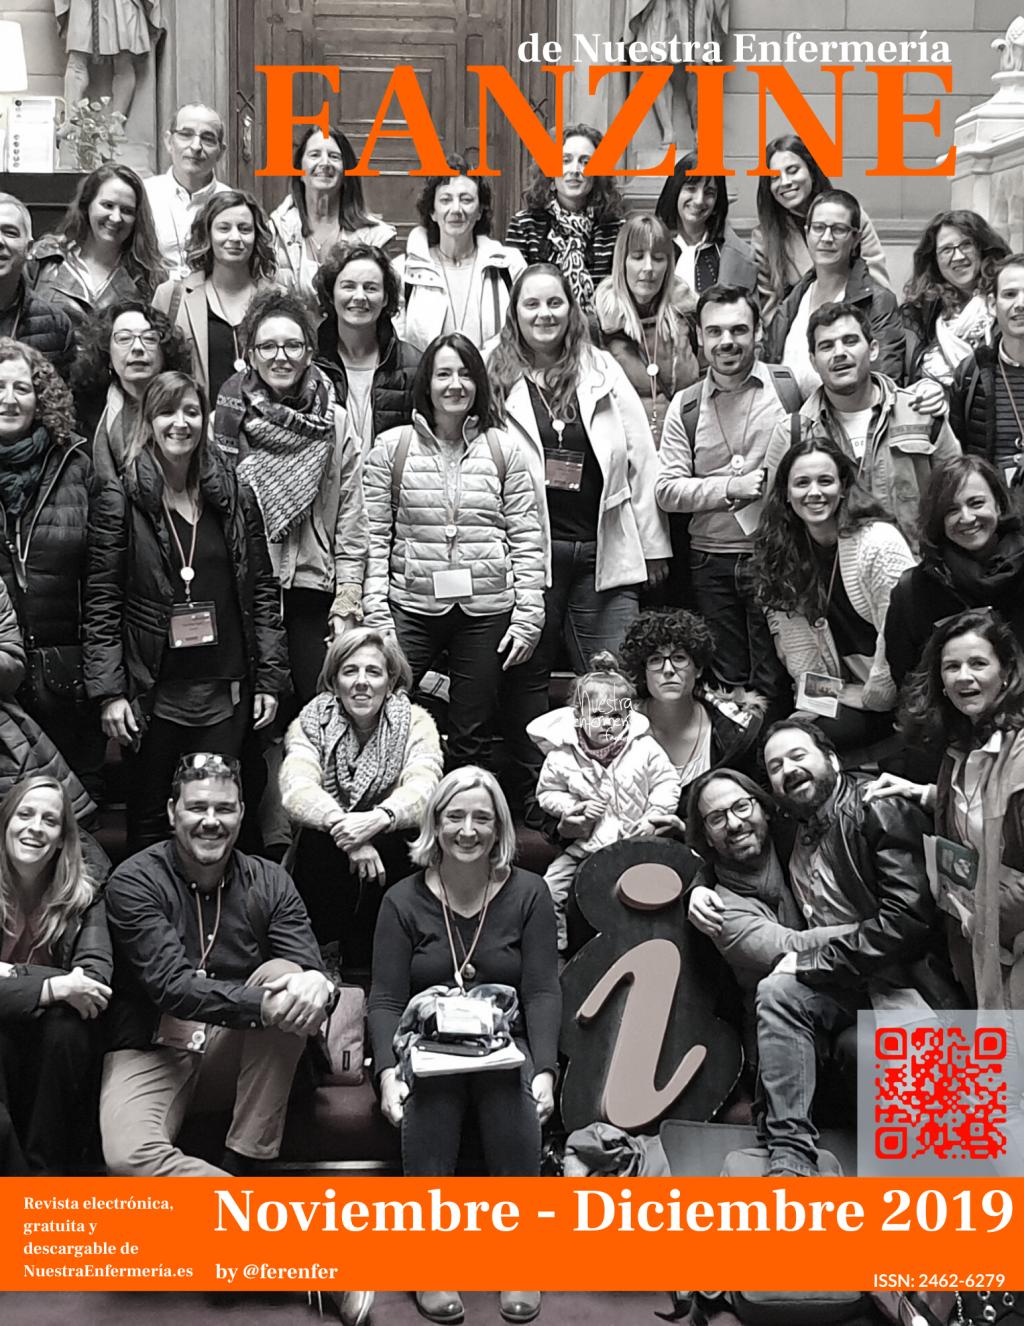 El último #Fanzine!? #FanzinEnfermeria Noviembre – Diciembre 2019